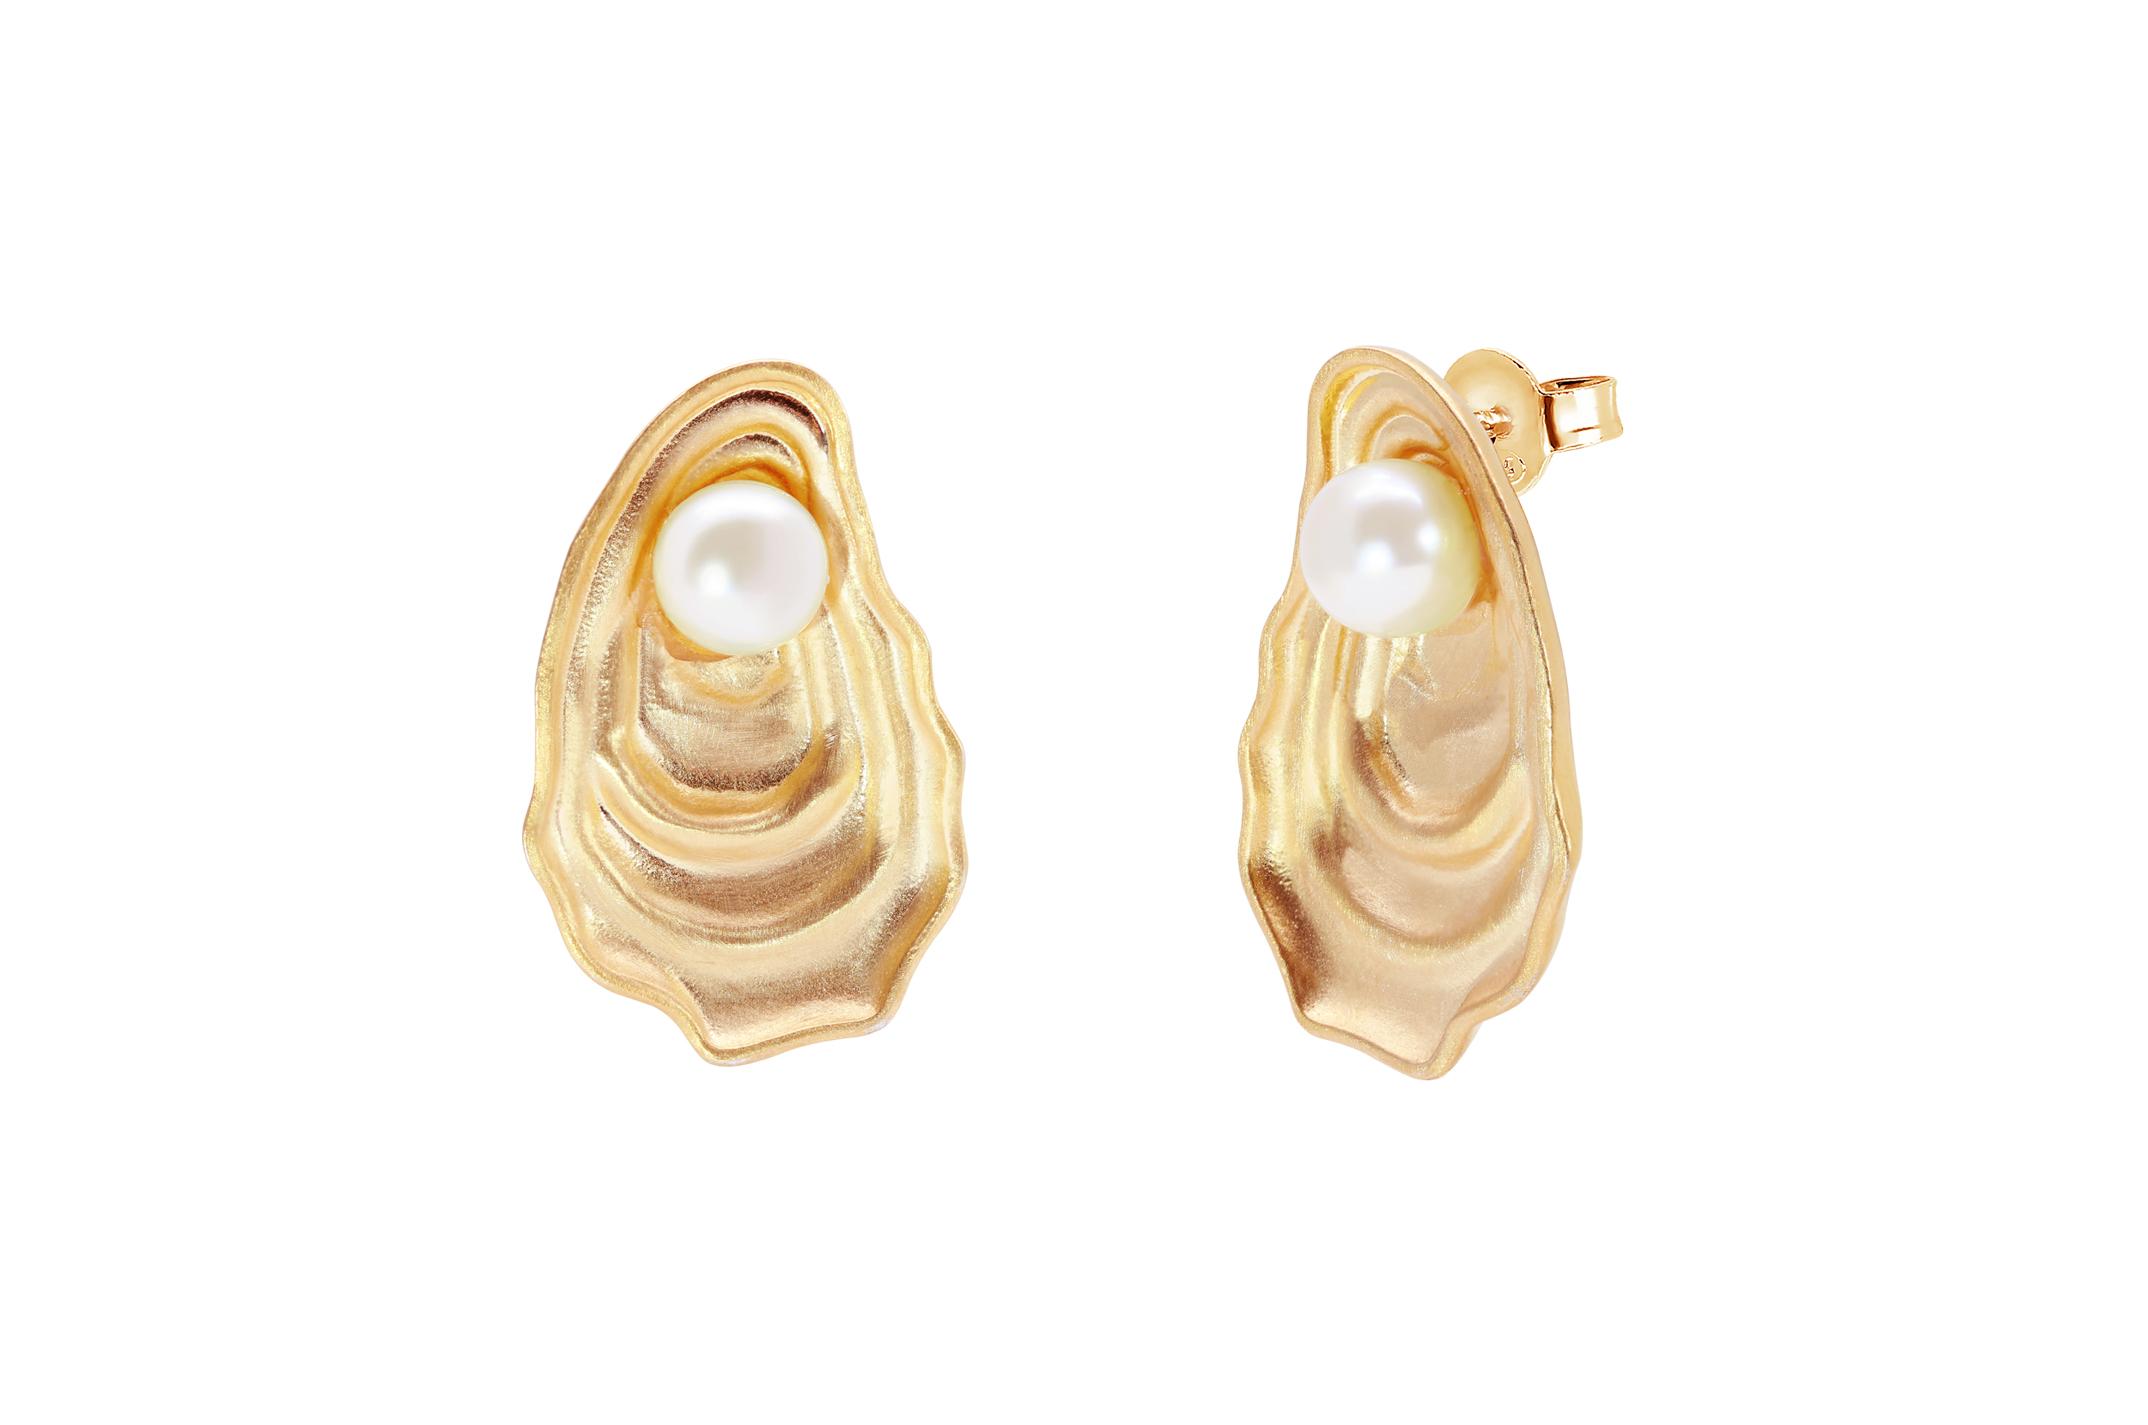 Joia: brincos;Material: prata 925;Peso: 10.30 gr;Pedras: pérola natural;Cor: amarelo;Medida:  cm;Género: mulher